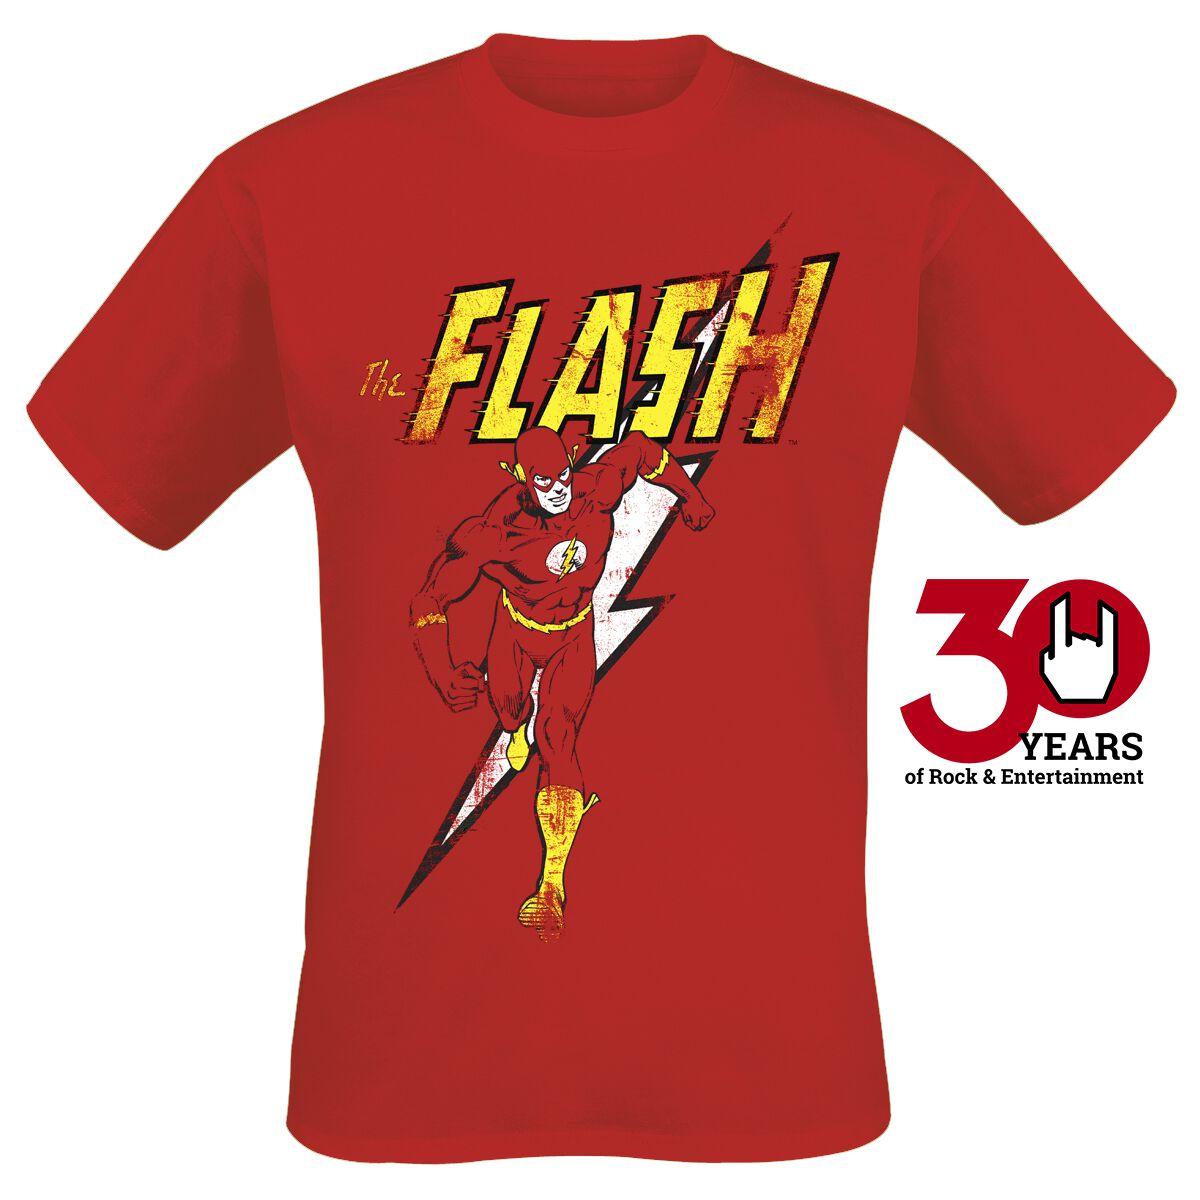 Merch dla Fanów - Koszulki - T-Shirt The Flash Distressed Strike T-Shirt czerwony - 340396